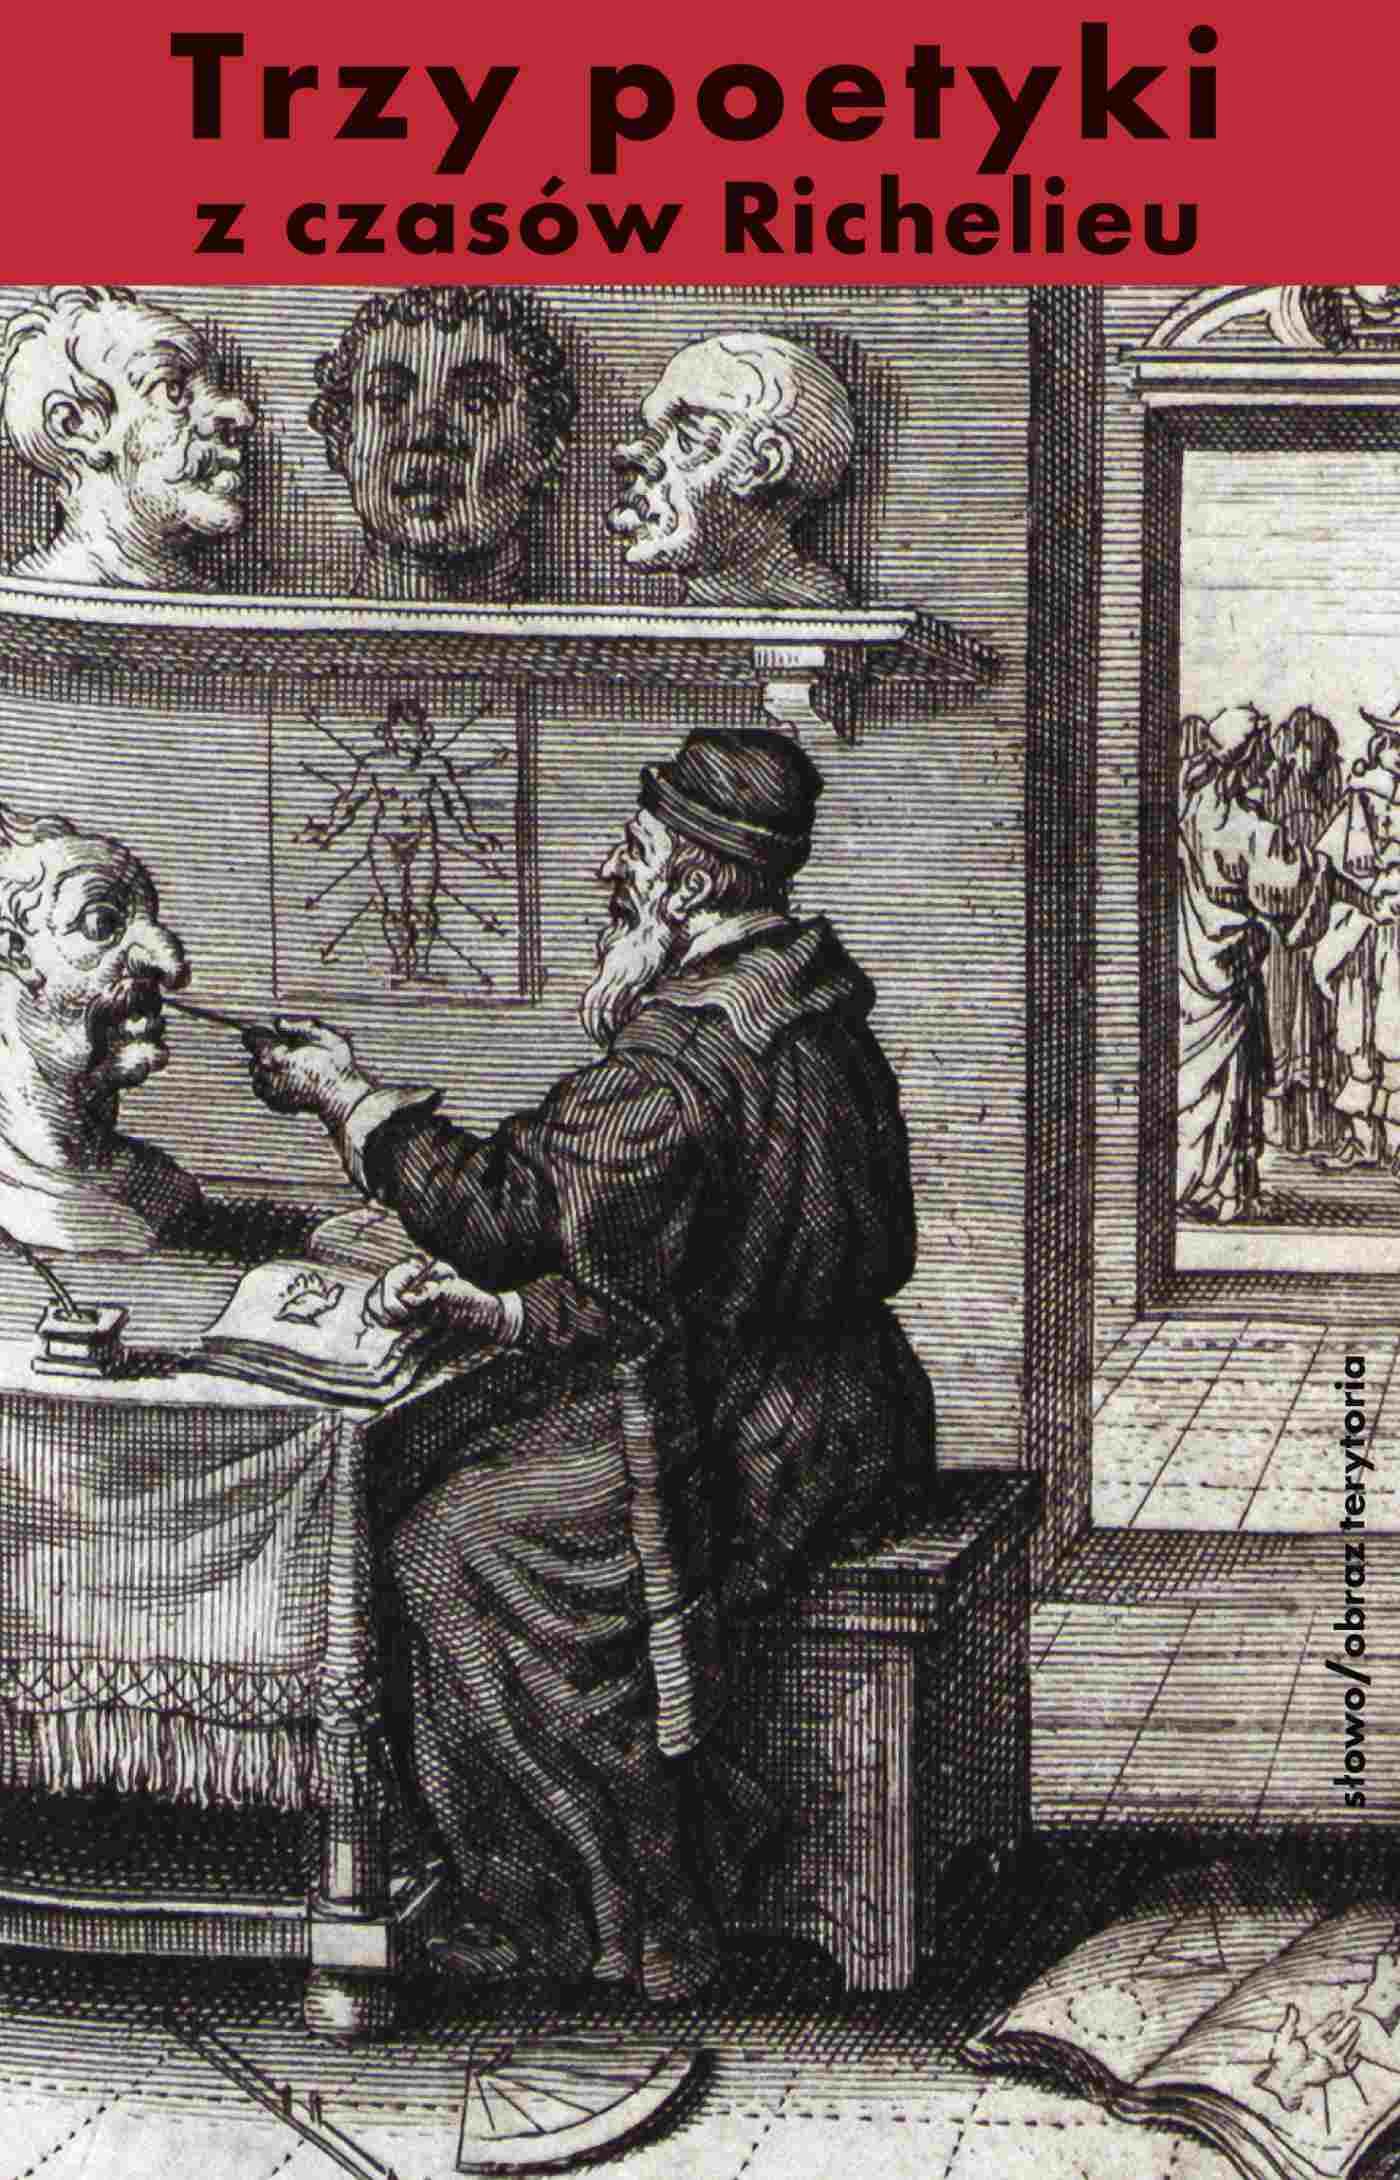 Trzy poetyki z czasów Richelieu. Francuski klasycyzm o dramacie - Ebook (Książka EPUB) do pobrania w formacie EPUB